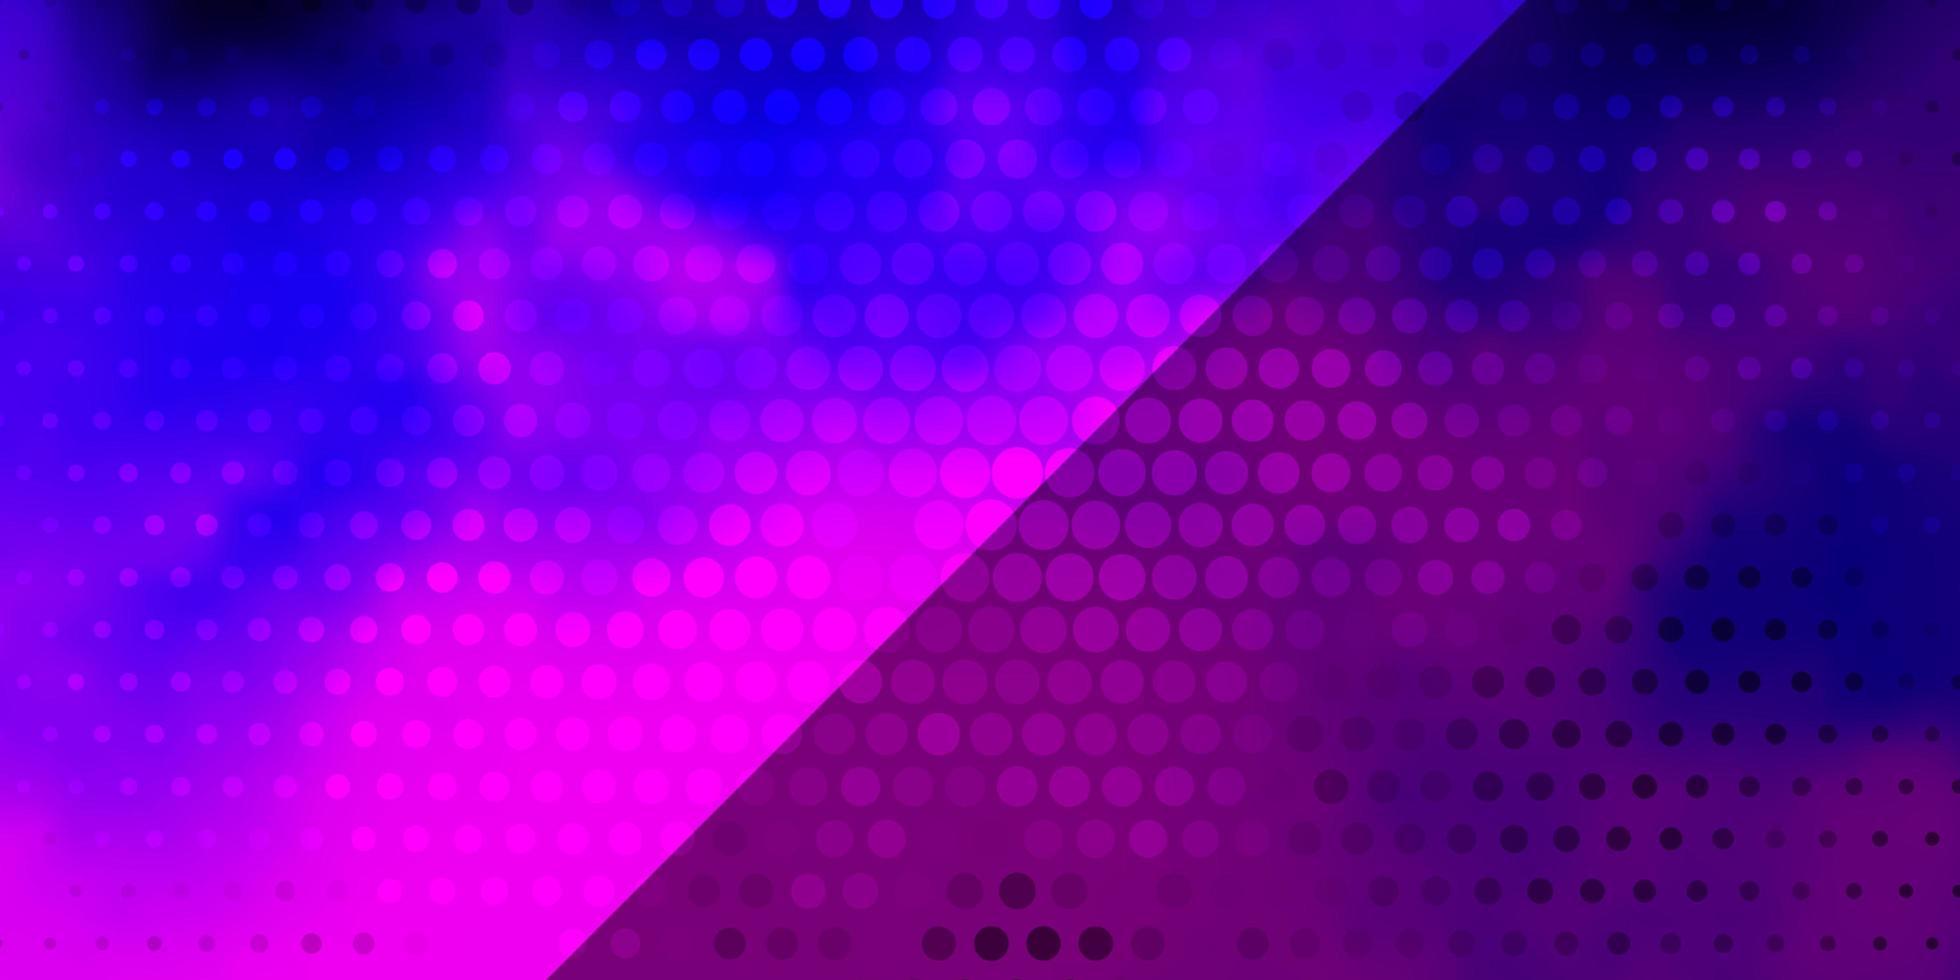 lichtpaarse, roze vectorlay-out met cirkels. vector